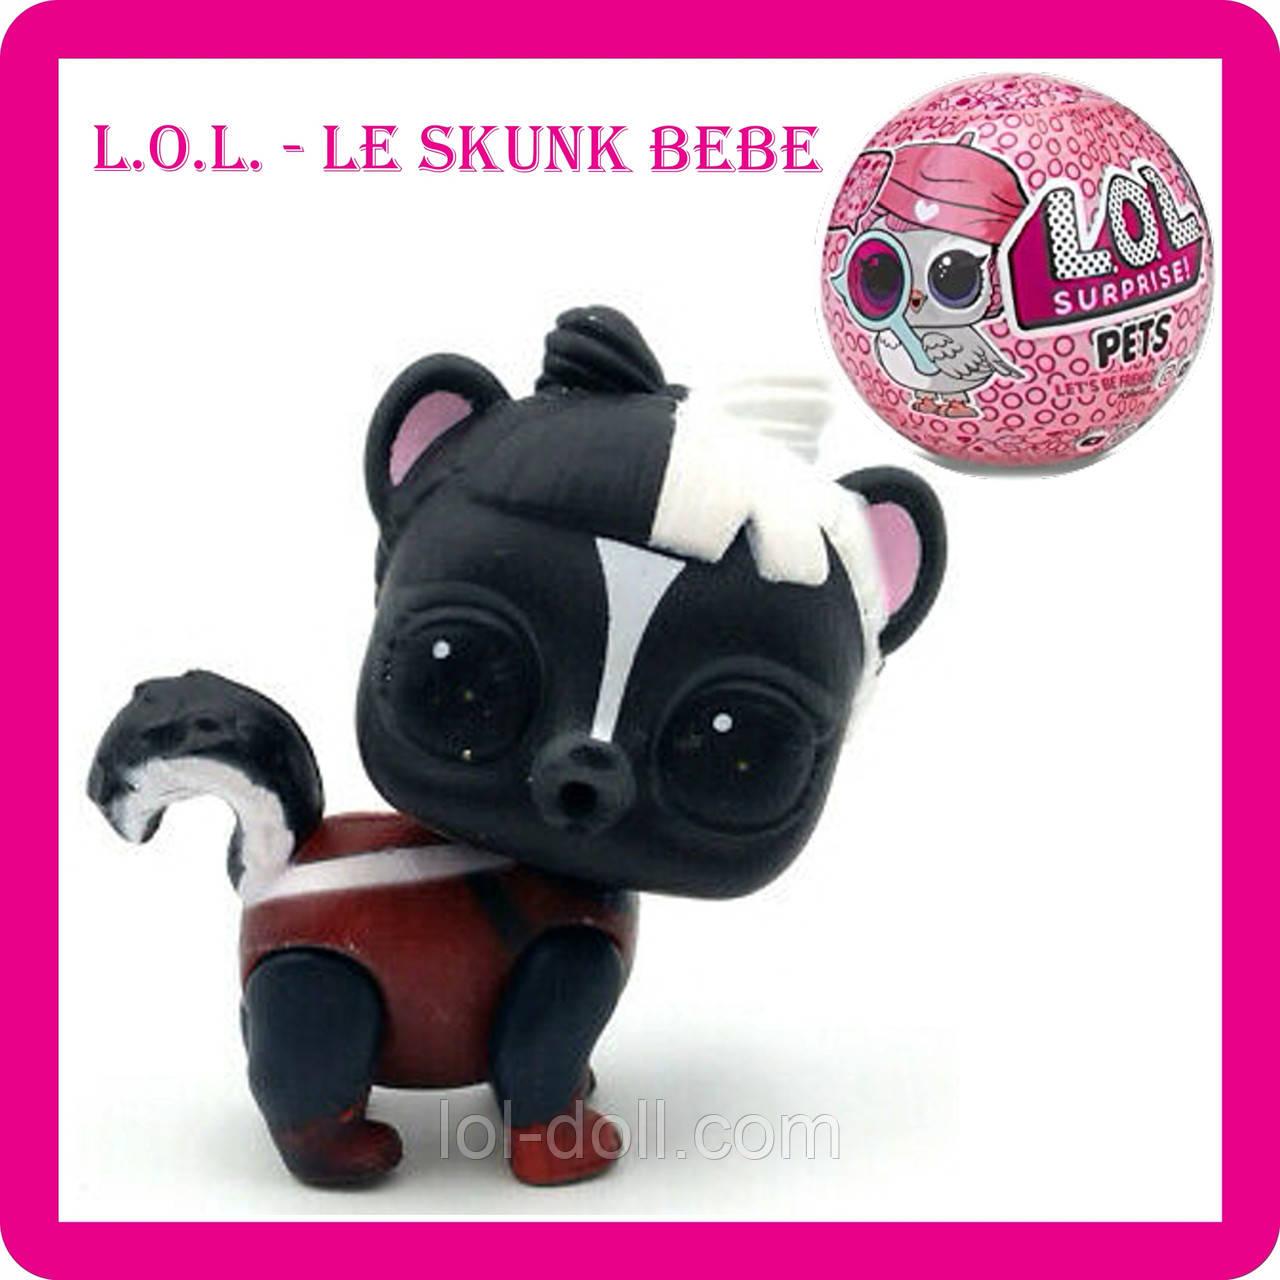 Кукла LOL Surprise 4 Серия Питомец Le Skunk Bebe - Вечеринка Under Wraps Лол Сюрприз Оригинал